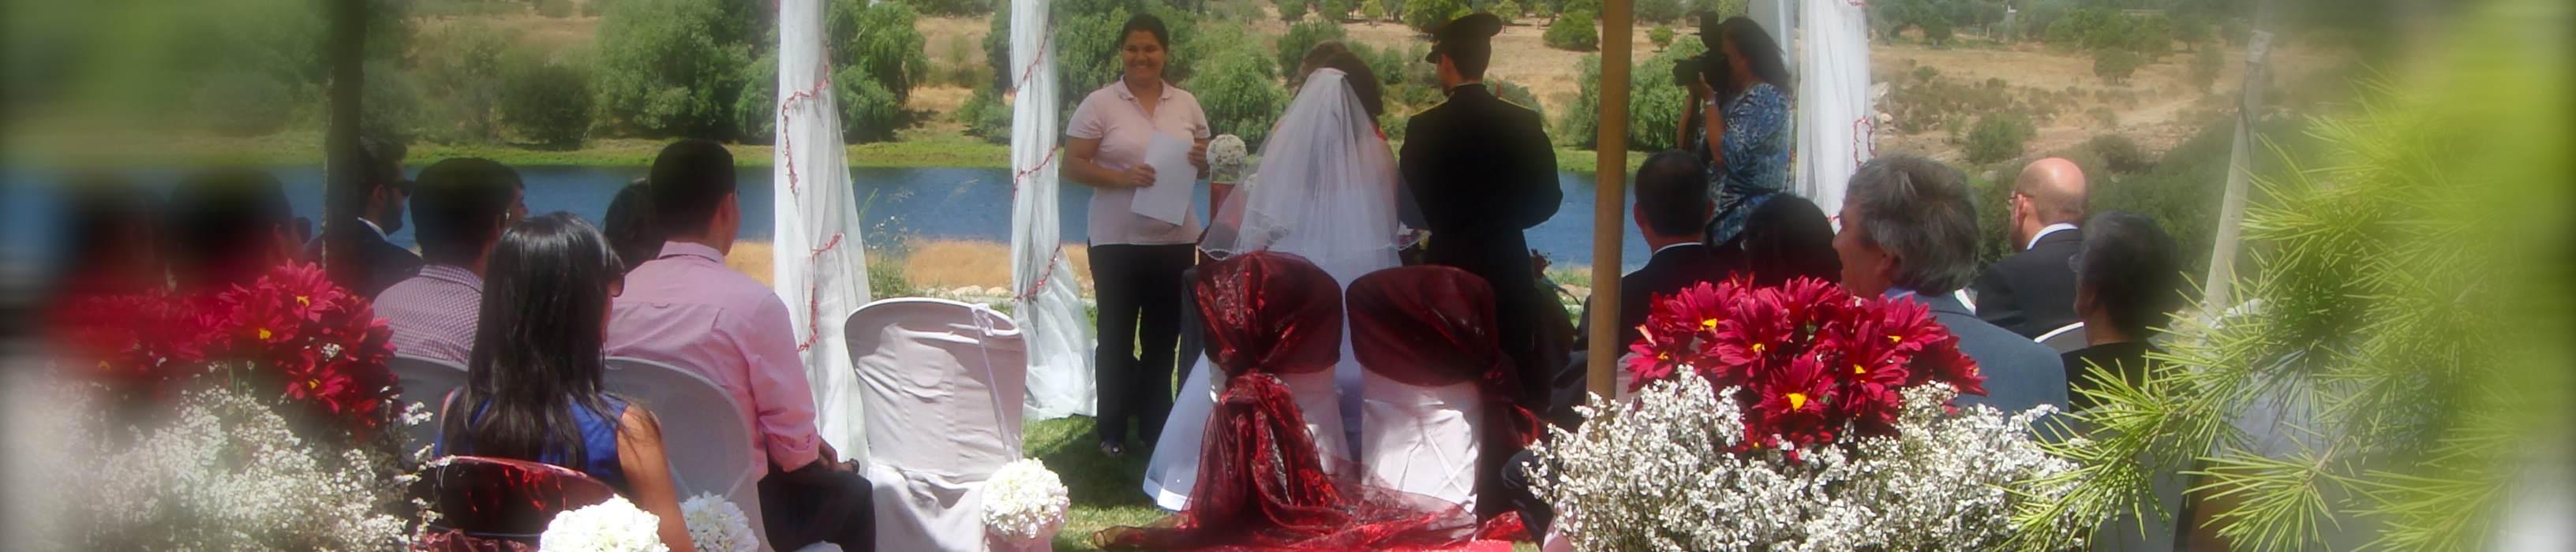 Cais-de-Rio-Quinta-para-casamentos-em-Abrantes